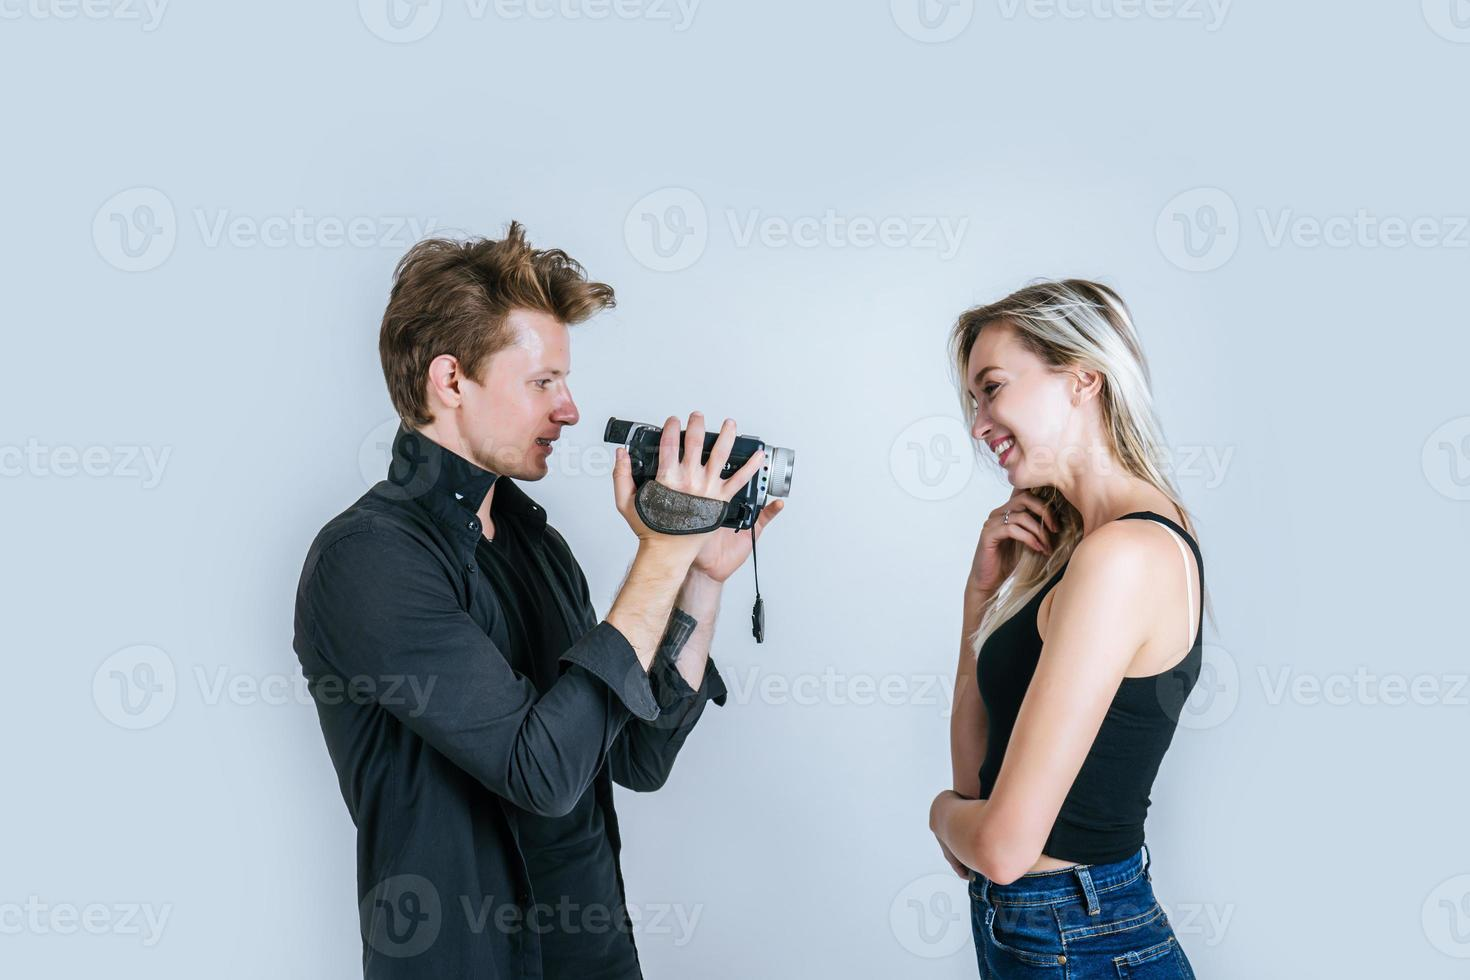 feliz retrato de pareja sosteniendo una cámara de video y grabando un video foto